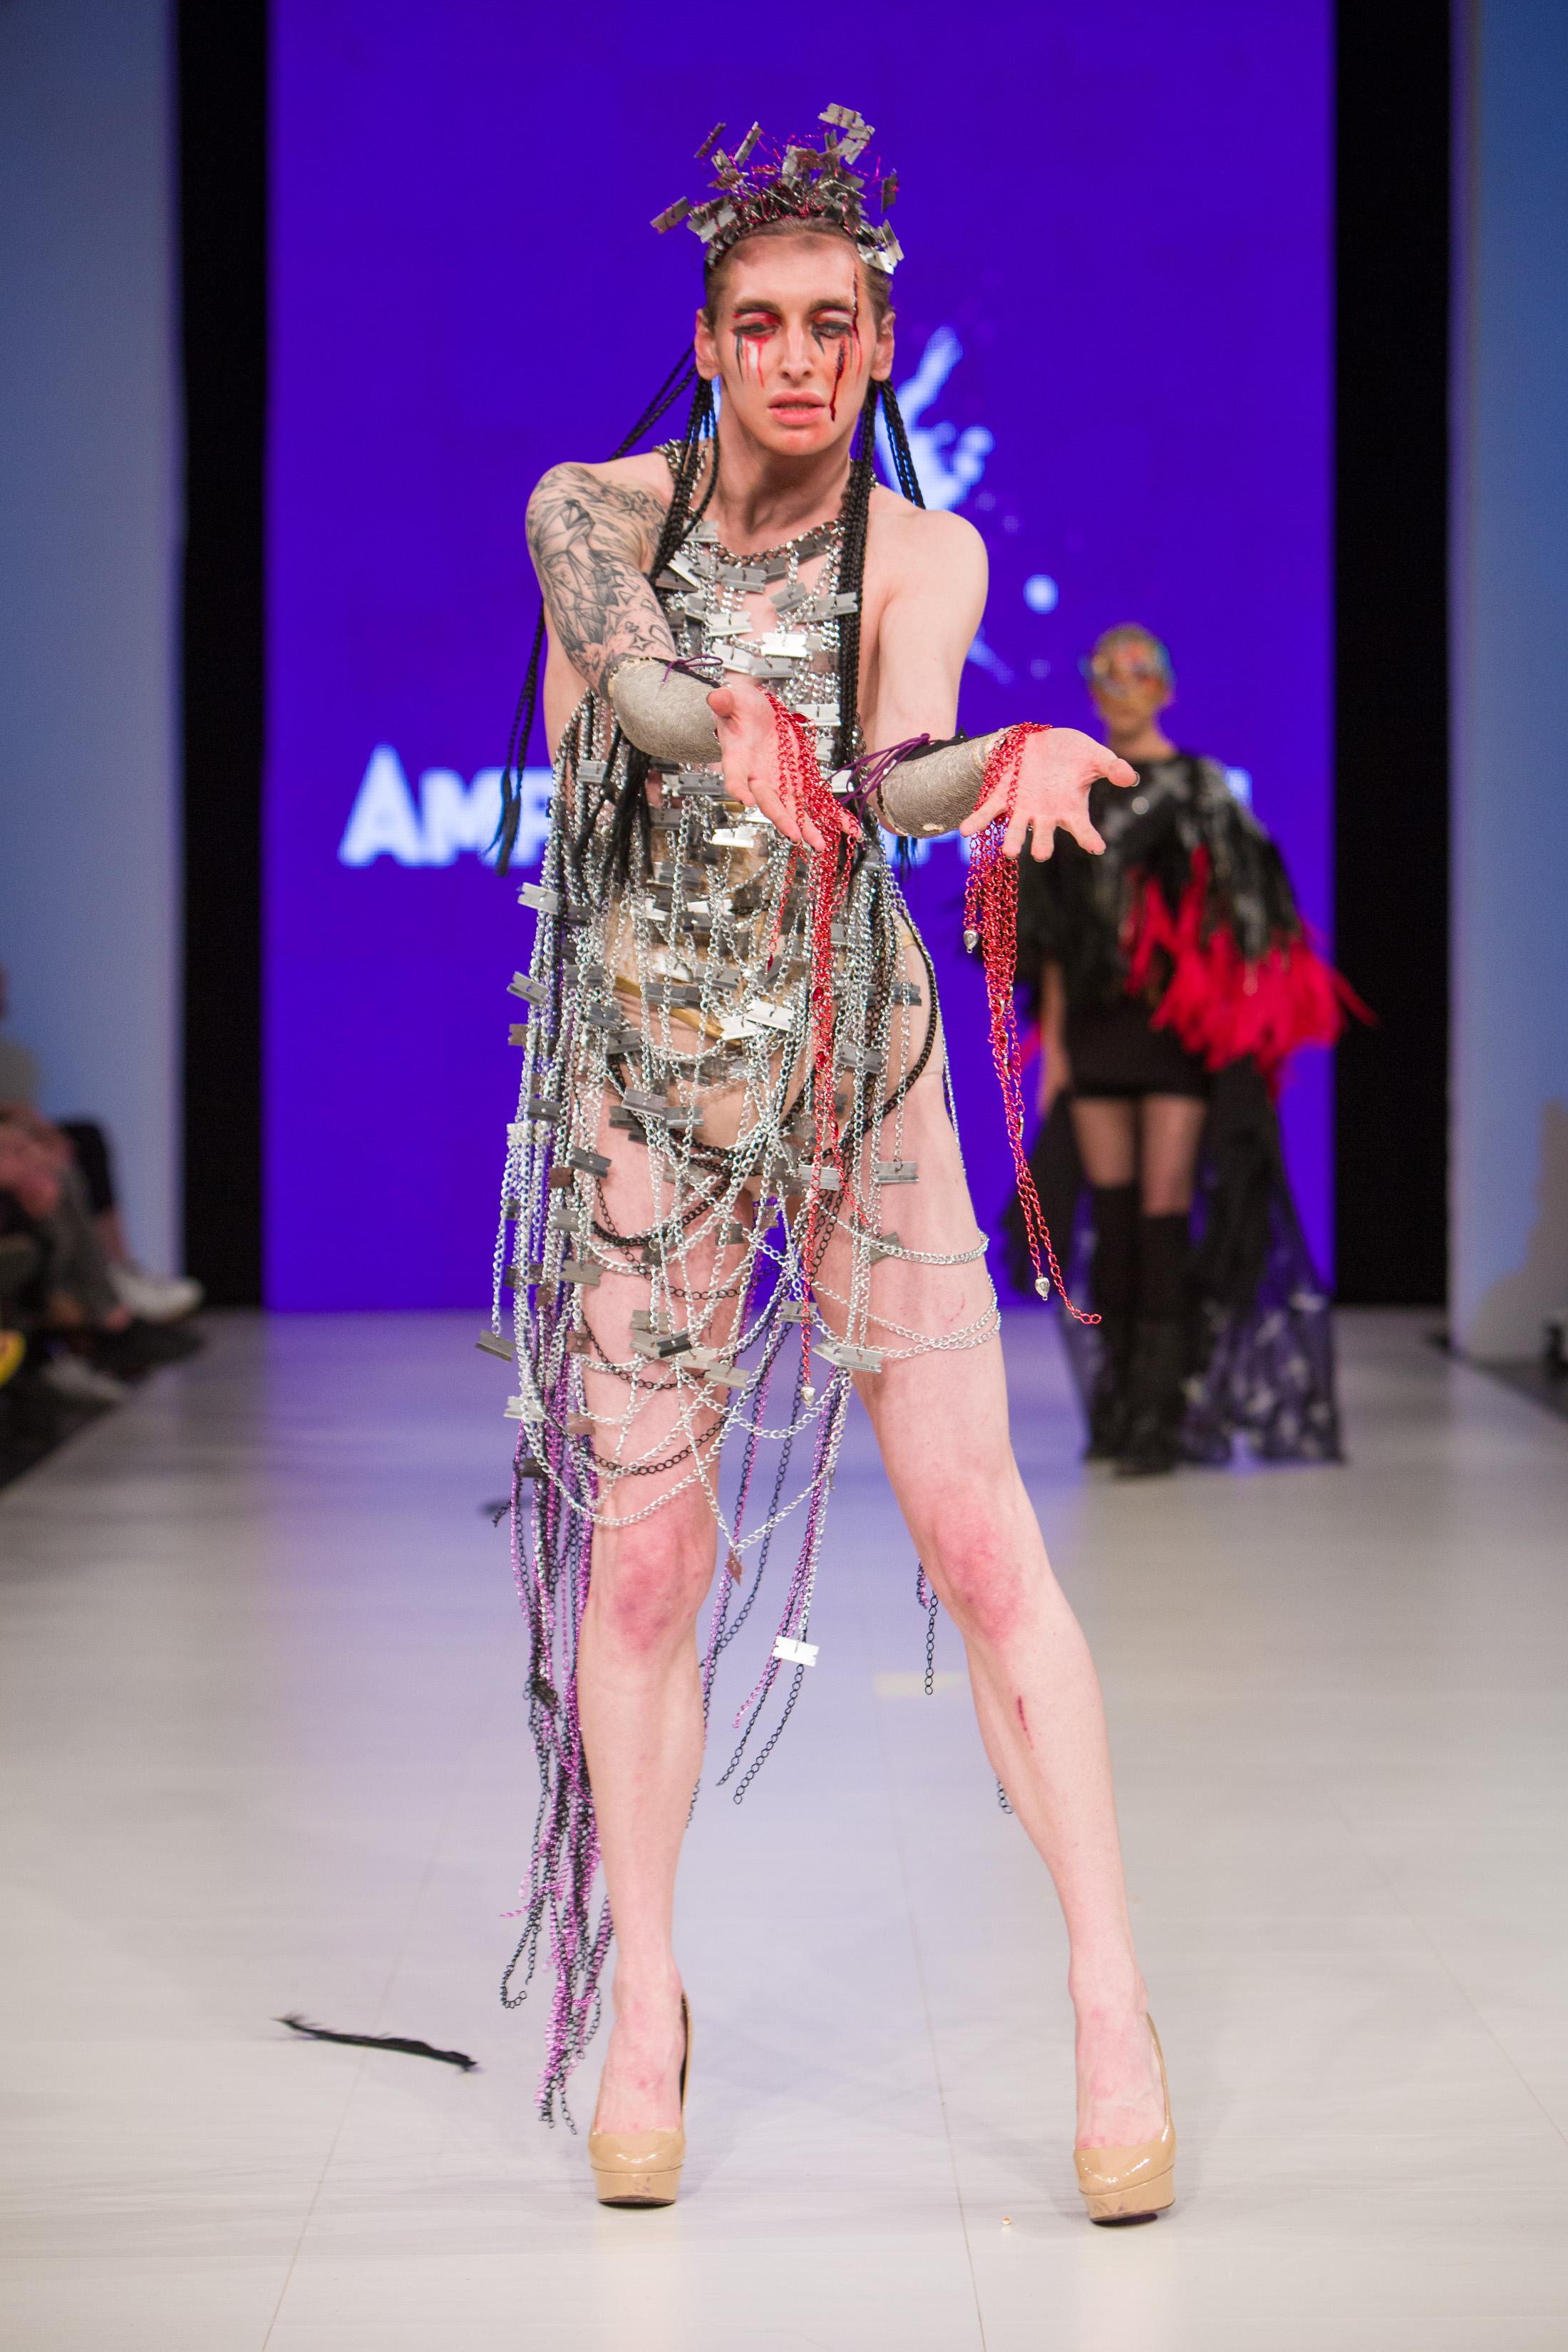 FAT2018-Wed-April-18-amplify-apparel-runway-shayne-gray-7968.jpg